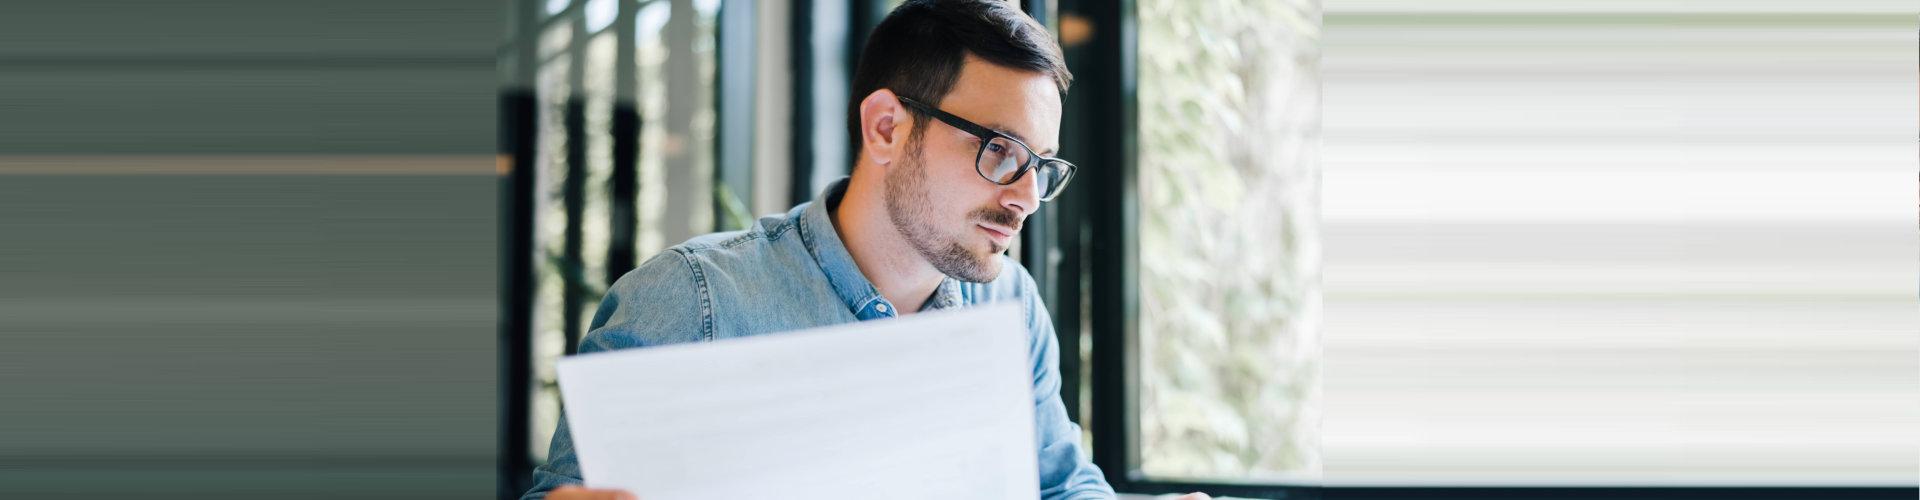 man looking at paperworks